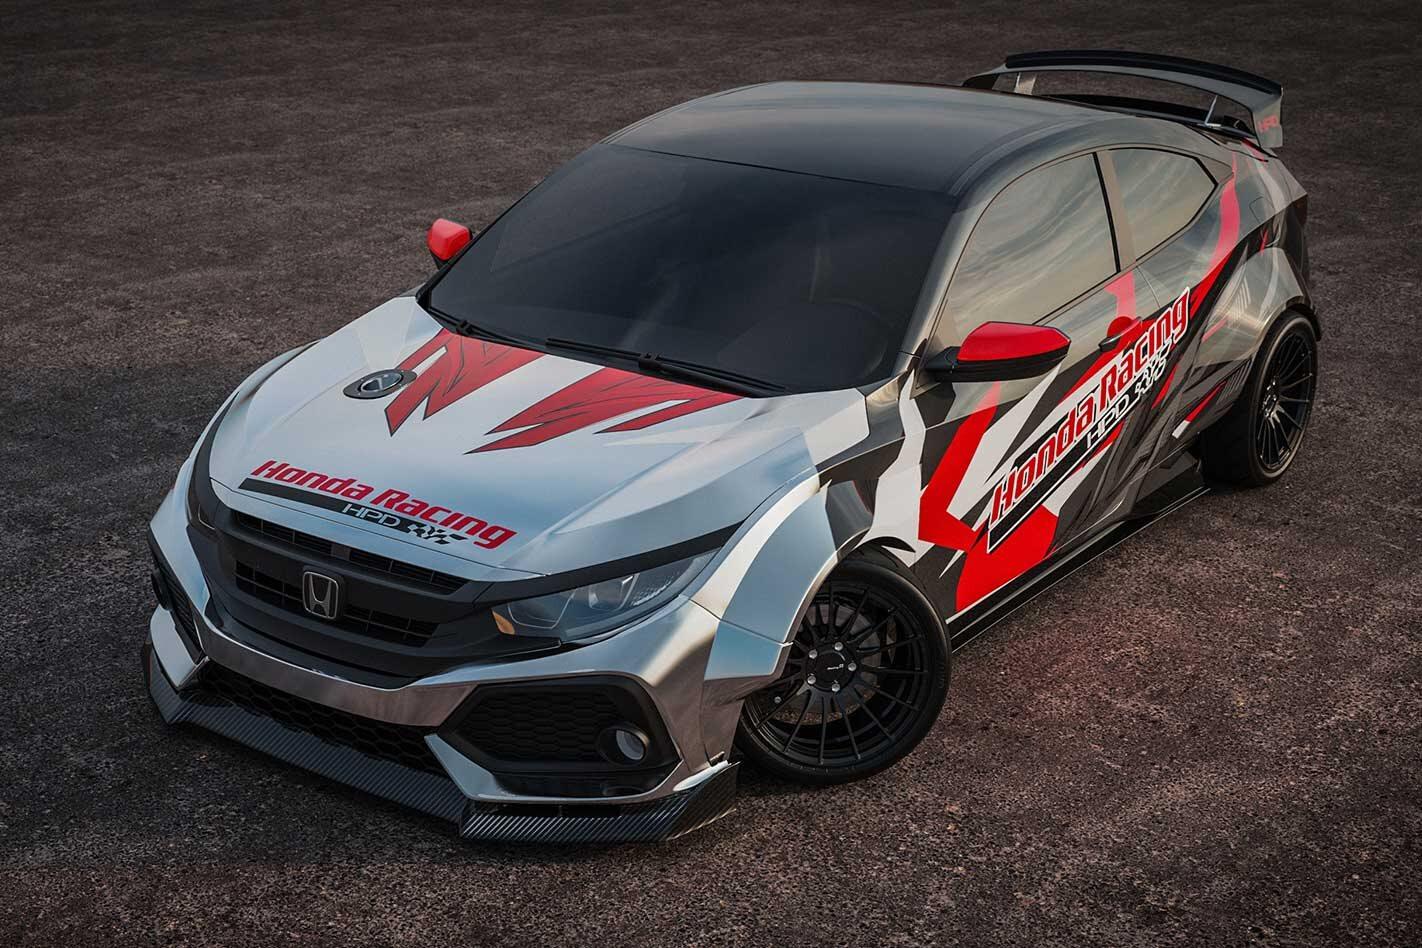 690kW Honda Civic drift car SEMA 2019